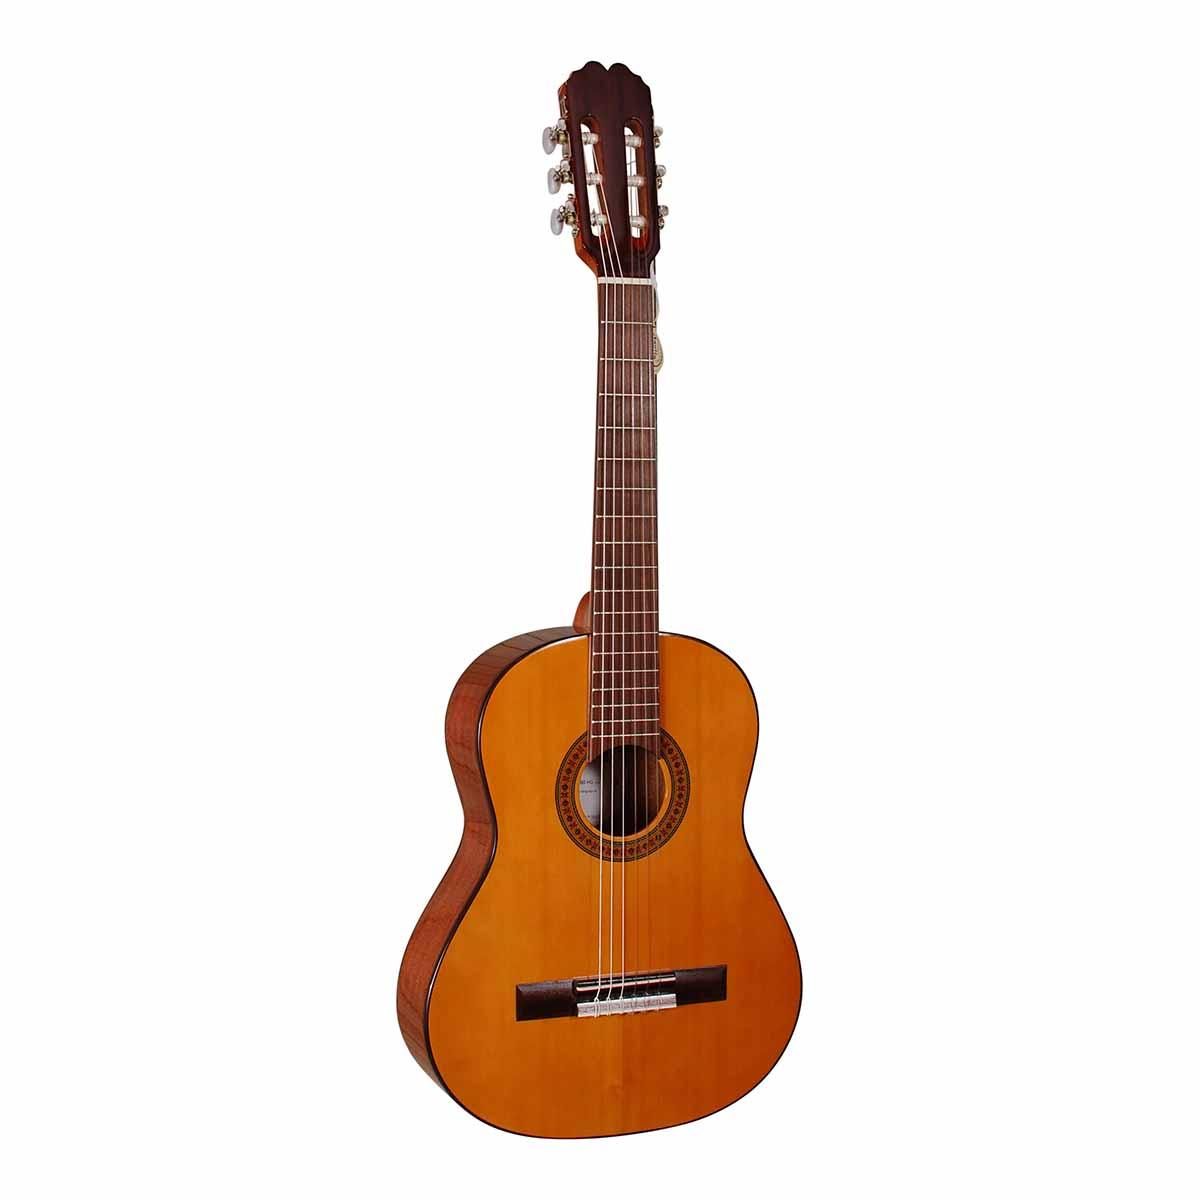 Billede af Santana DG-80 HG 1/2 spansk børne-guitar